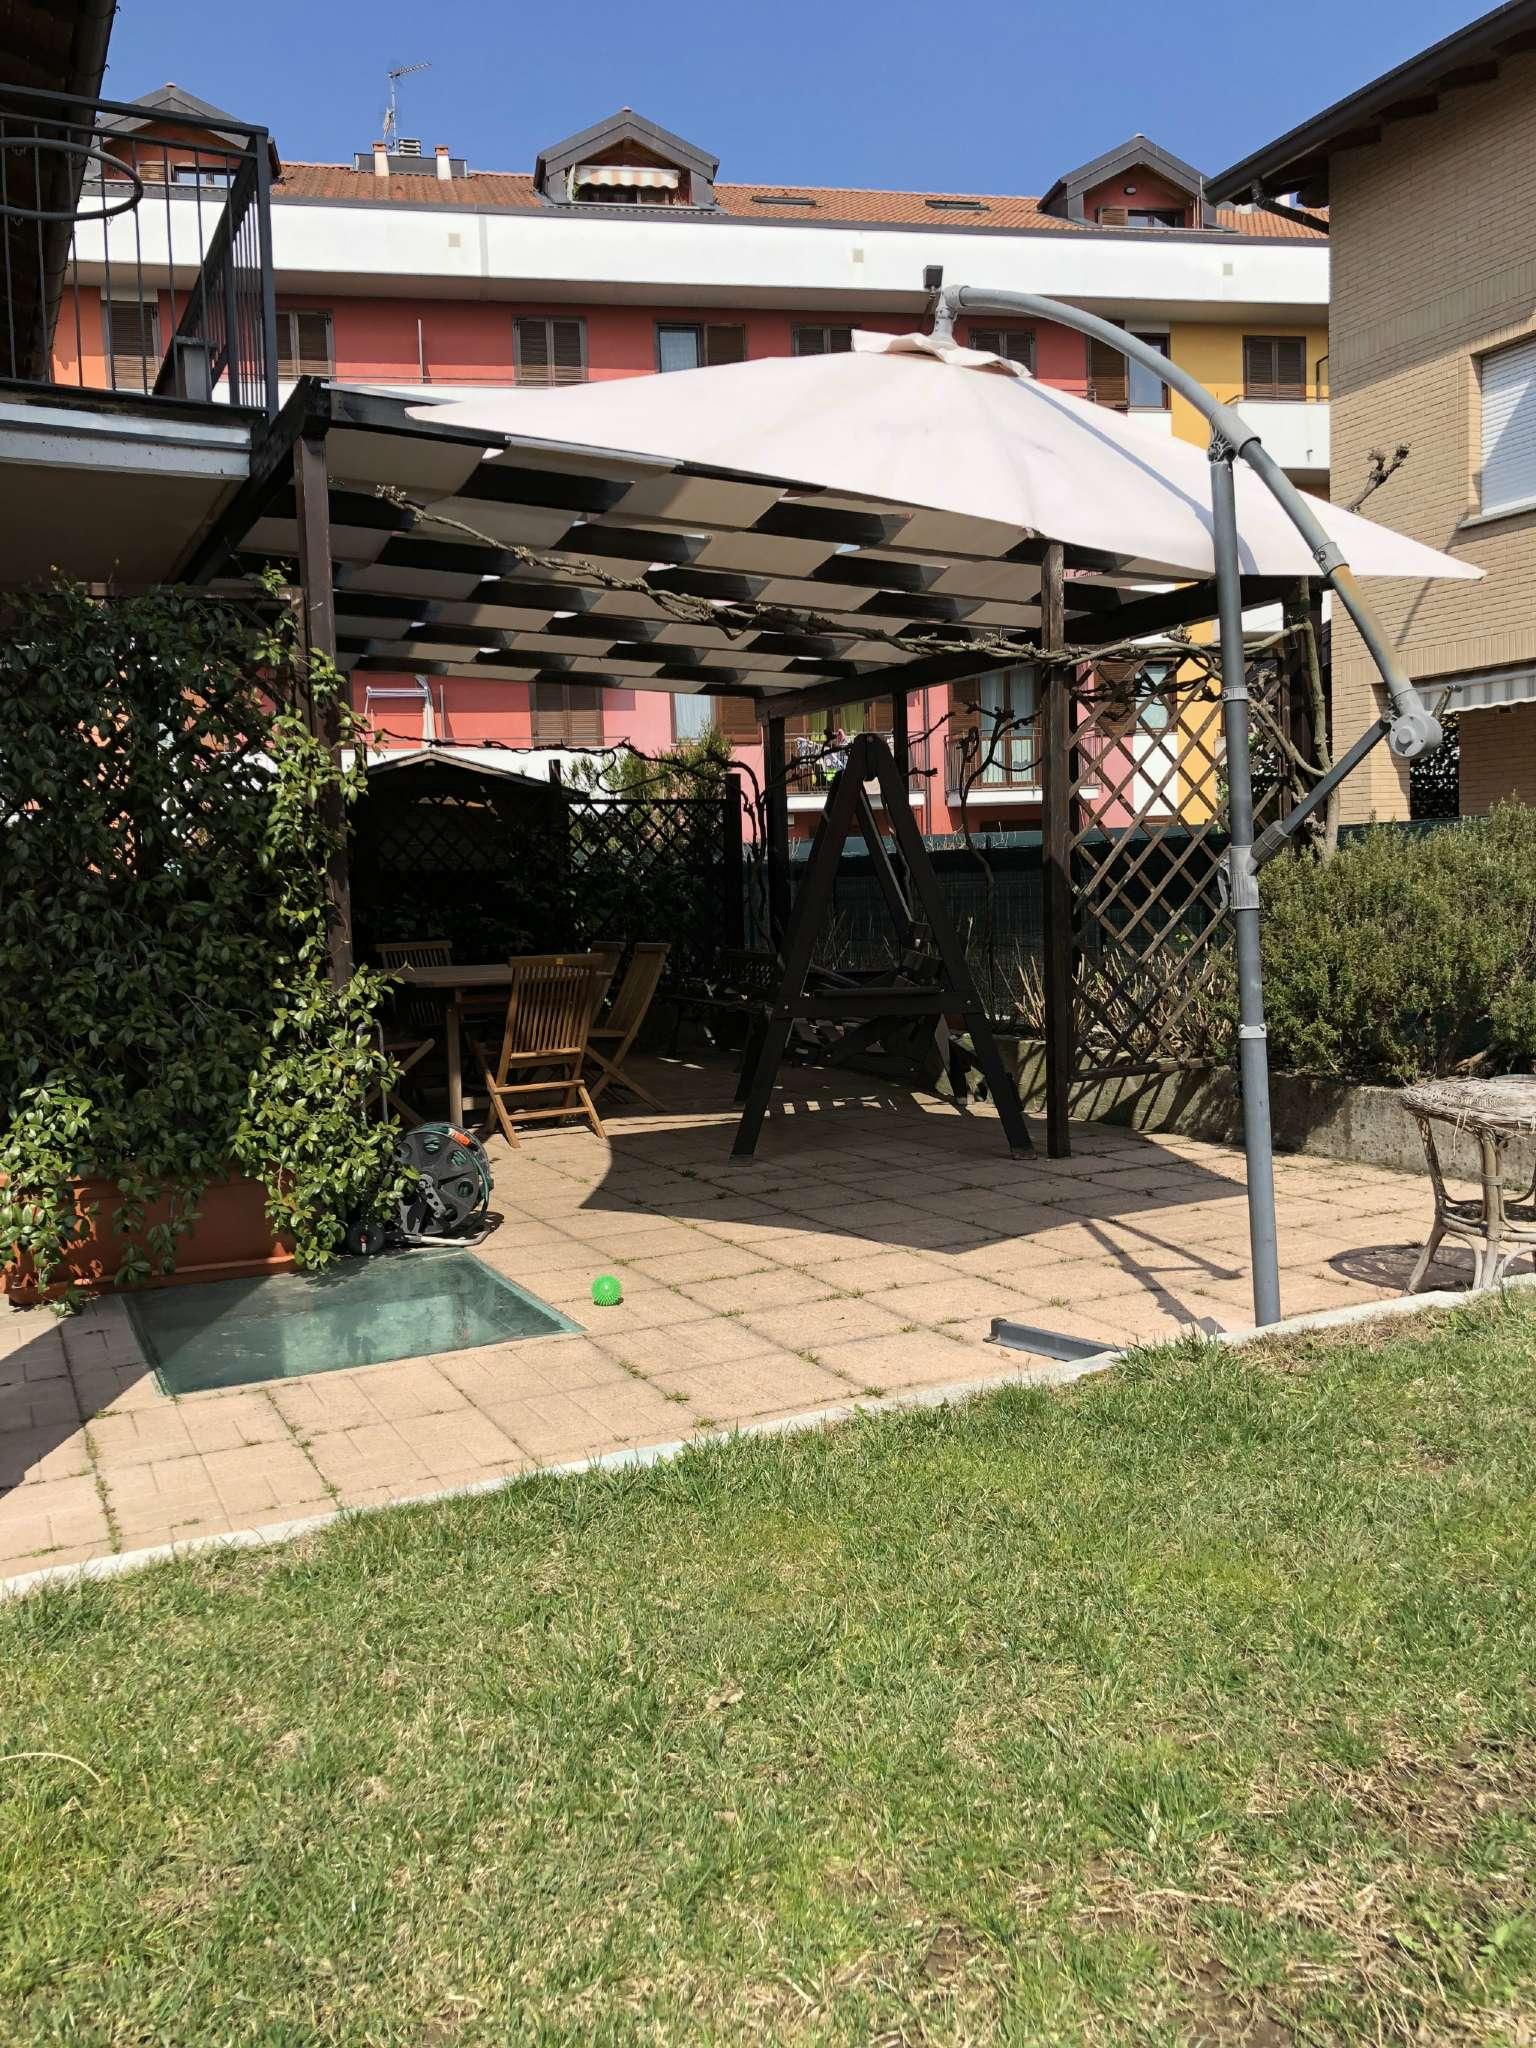 Villa Bifamiliare in vendita a Malnate, 4 locali, prezzo € 275.000 | CambioCasa.it